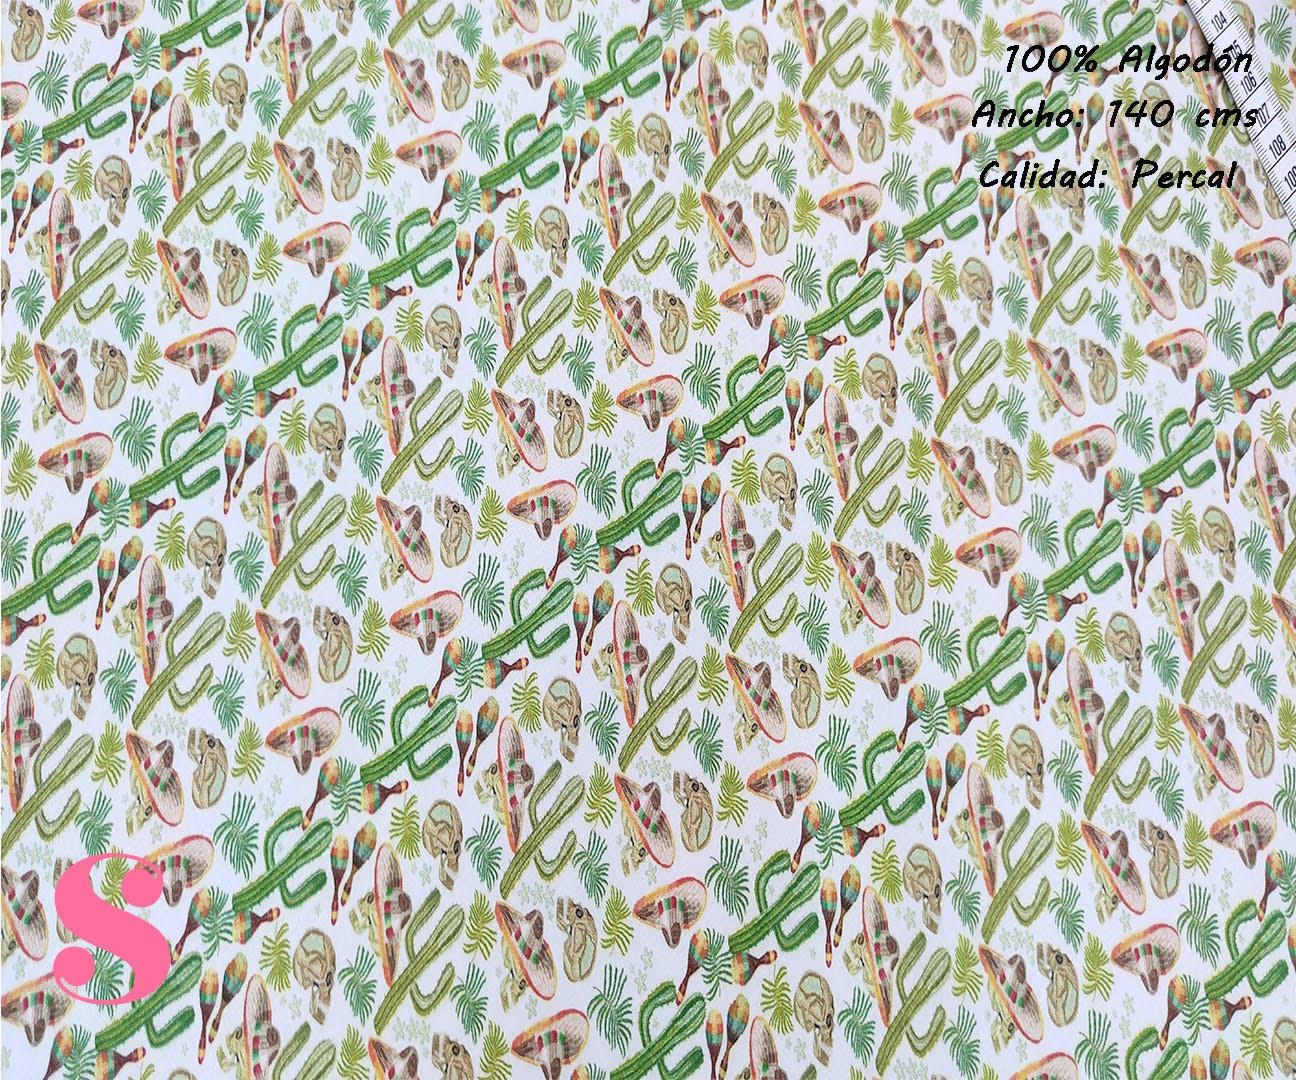 590-cactus-tejidos-algodon-estampado-percal,Tejido Infantil Estampado Cactus Mejicanos